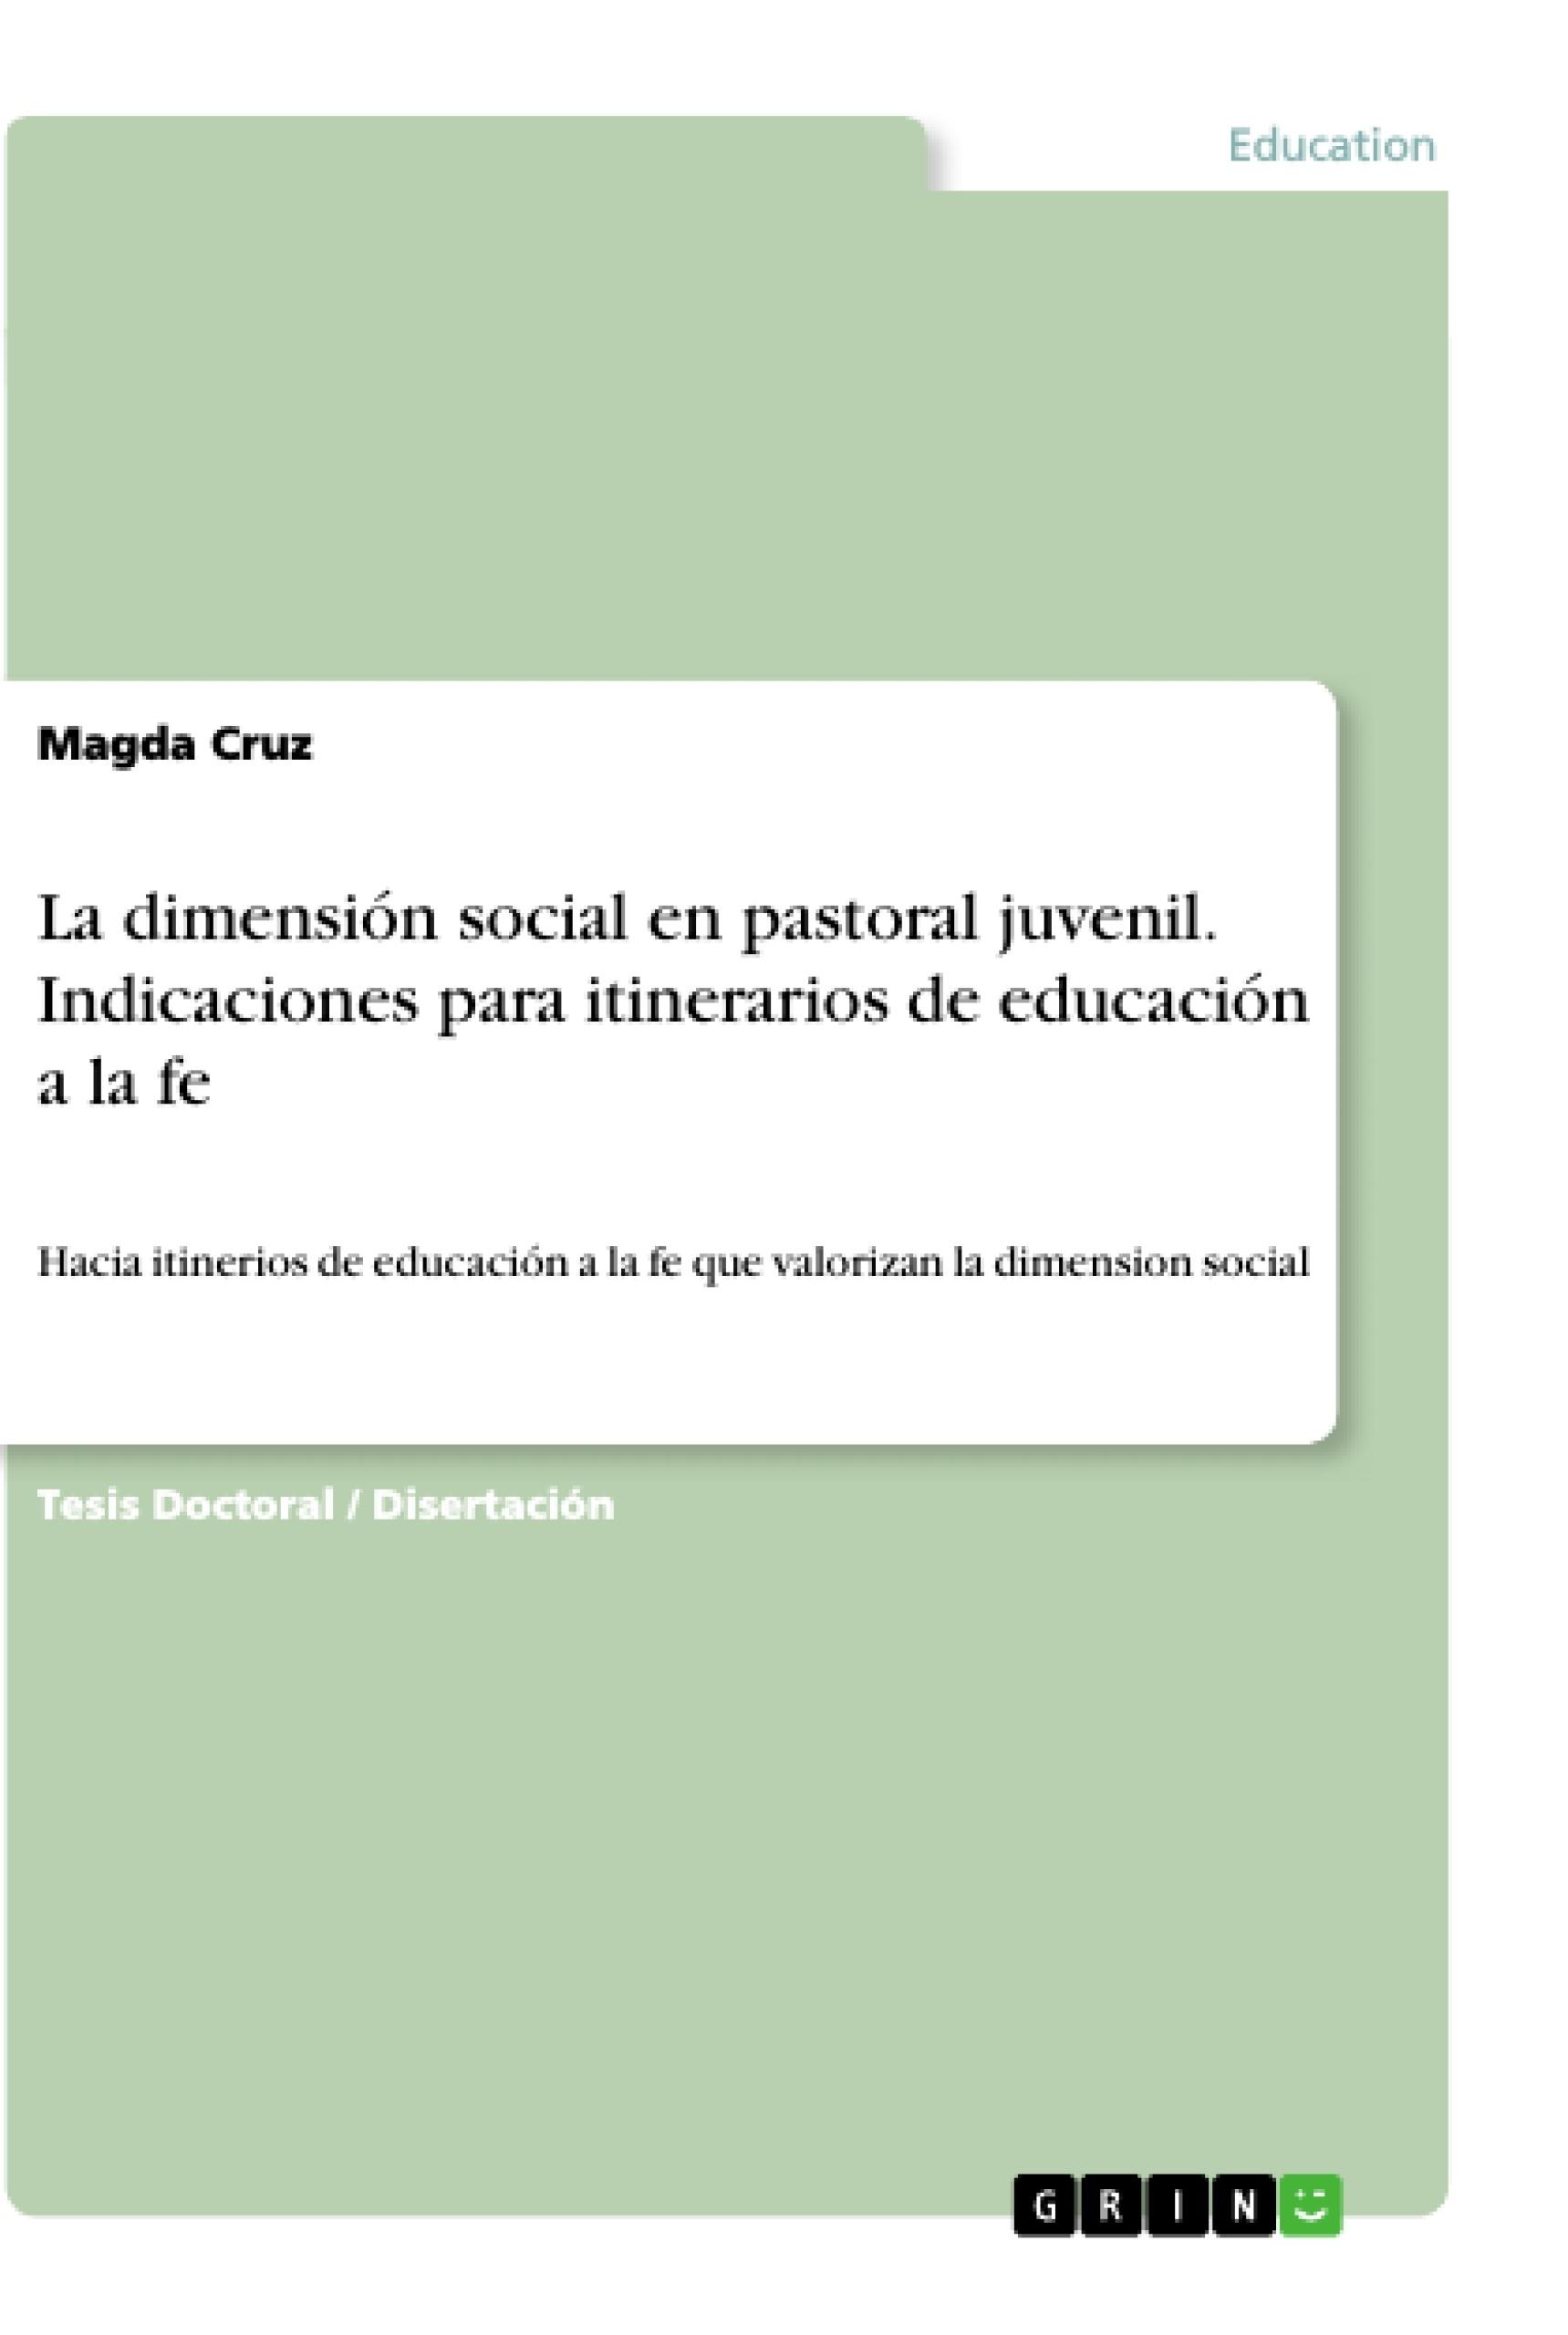 Título: La dimensión social en pastoral juvenil. Indicaciones para itinerarios de educación a la fe